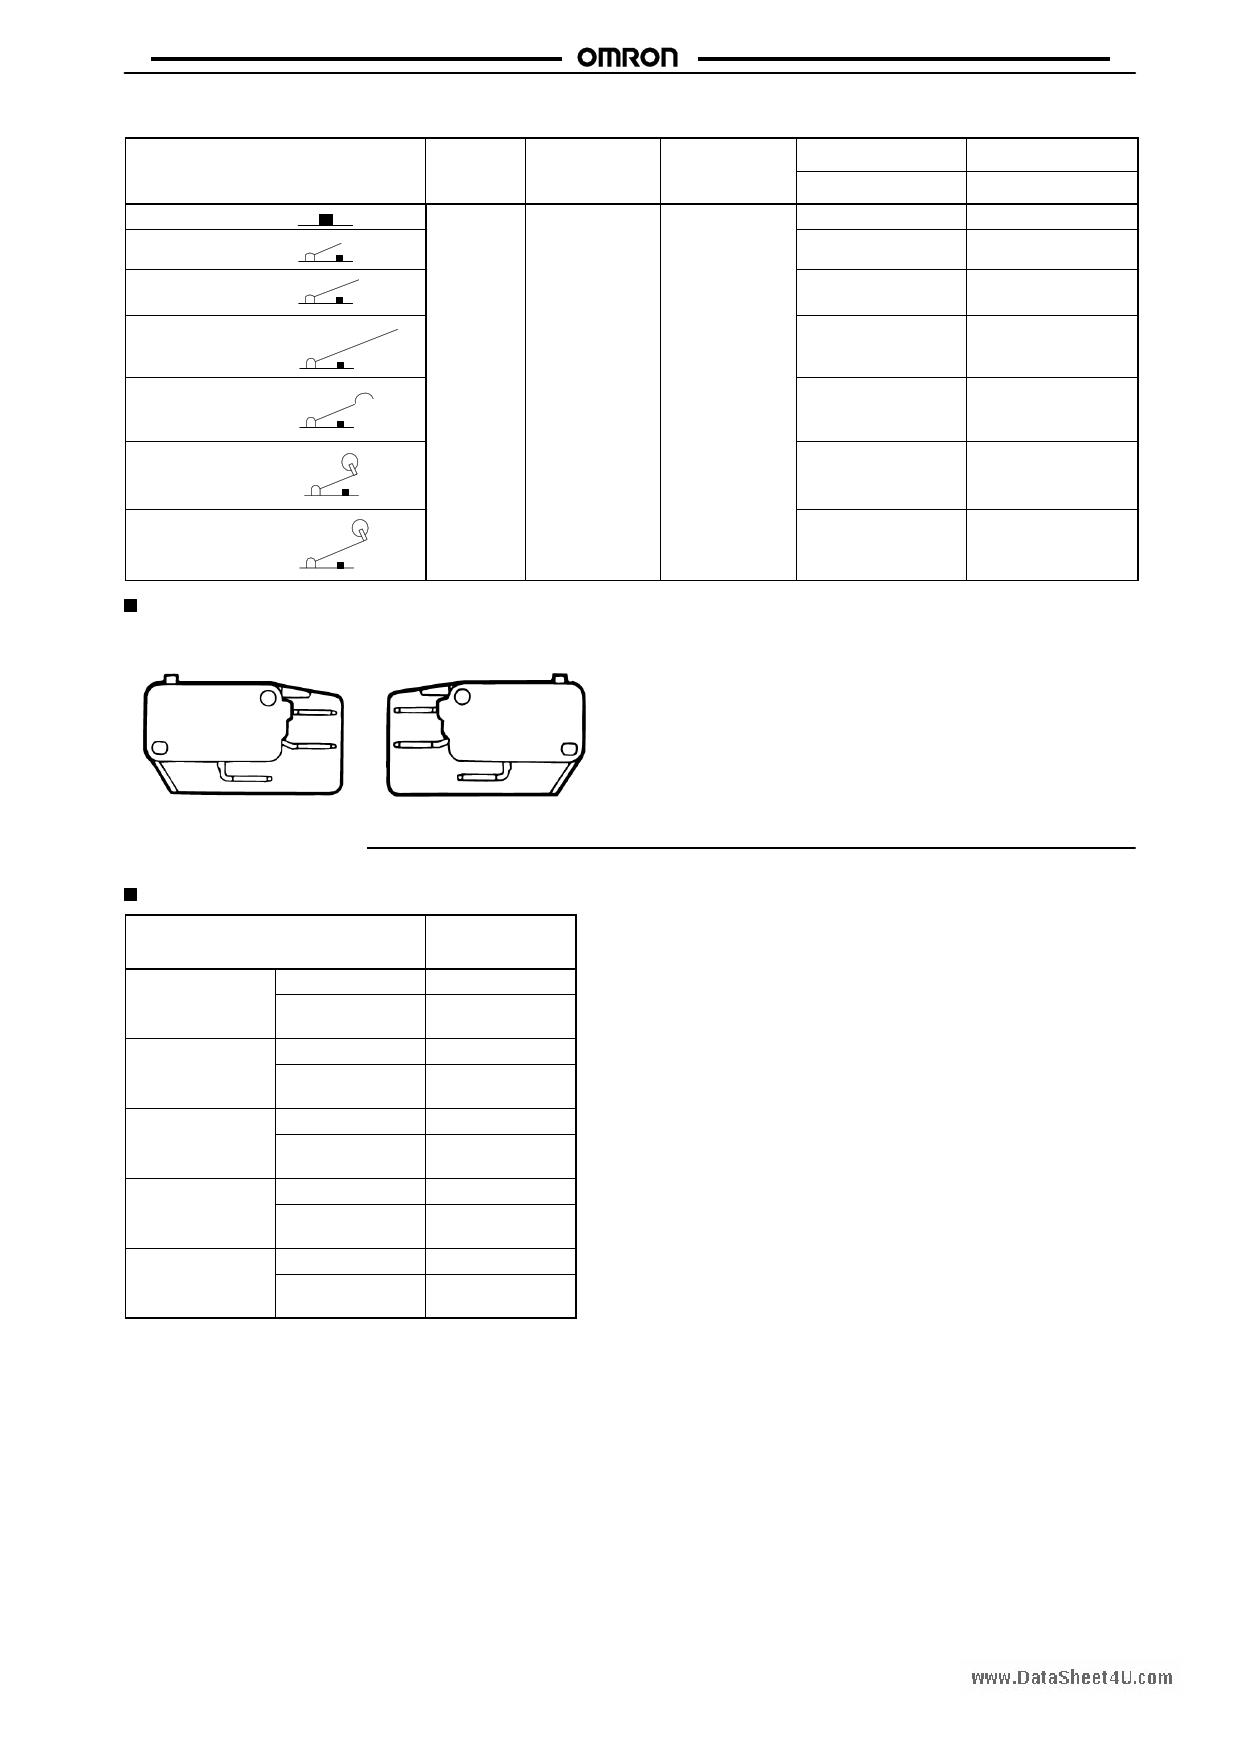 V-112-1A4 Datasheet, Funktion